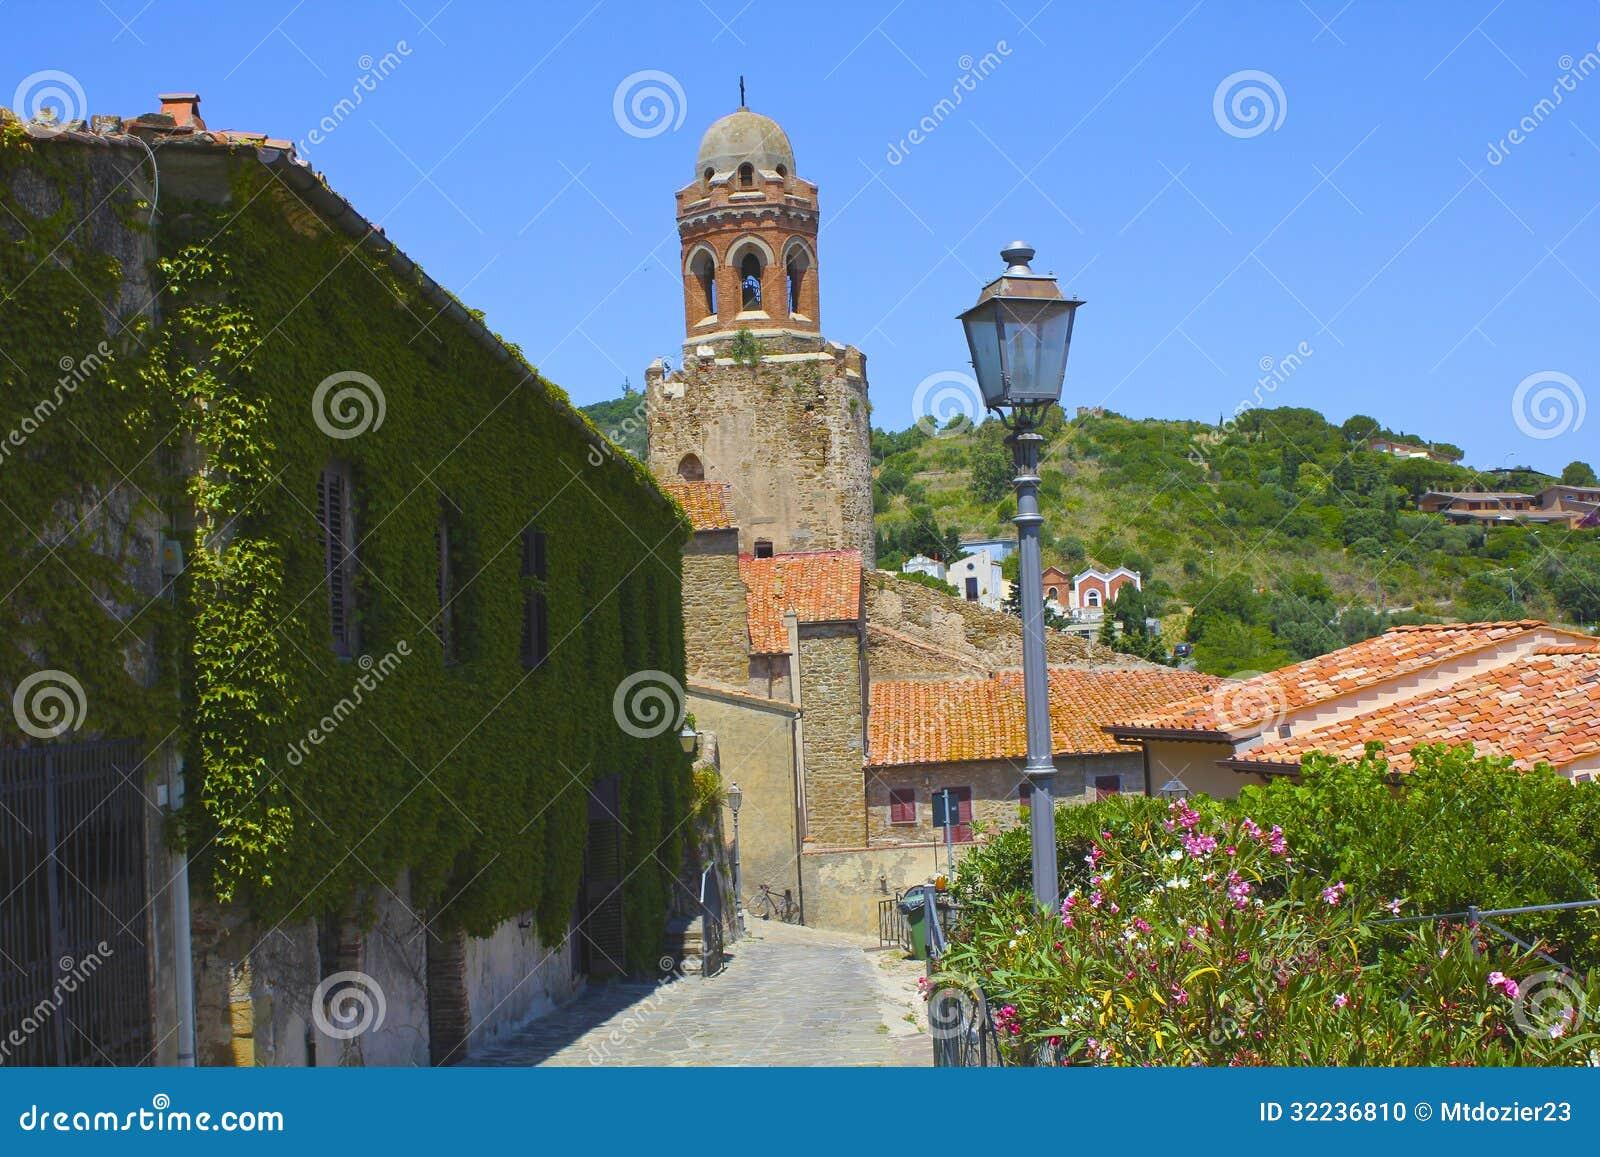 Iglesia en Castiglione, Italia